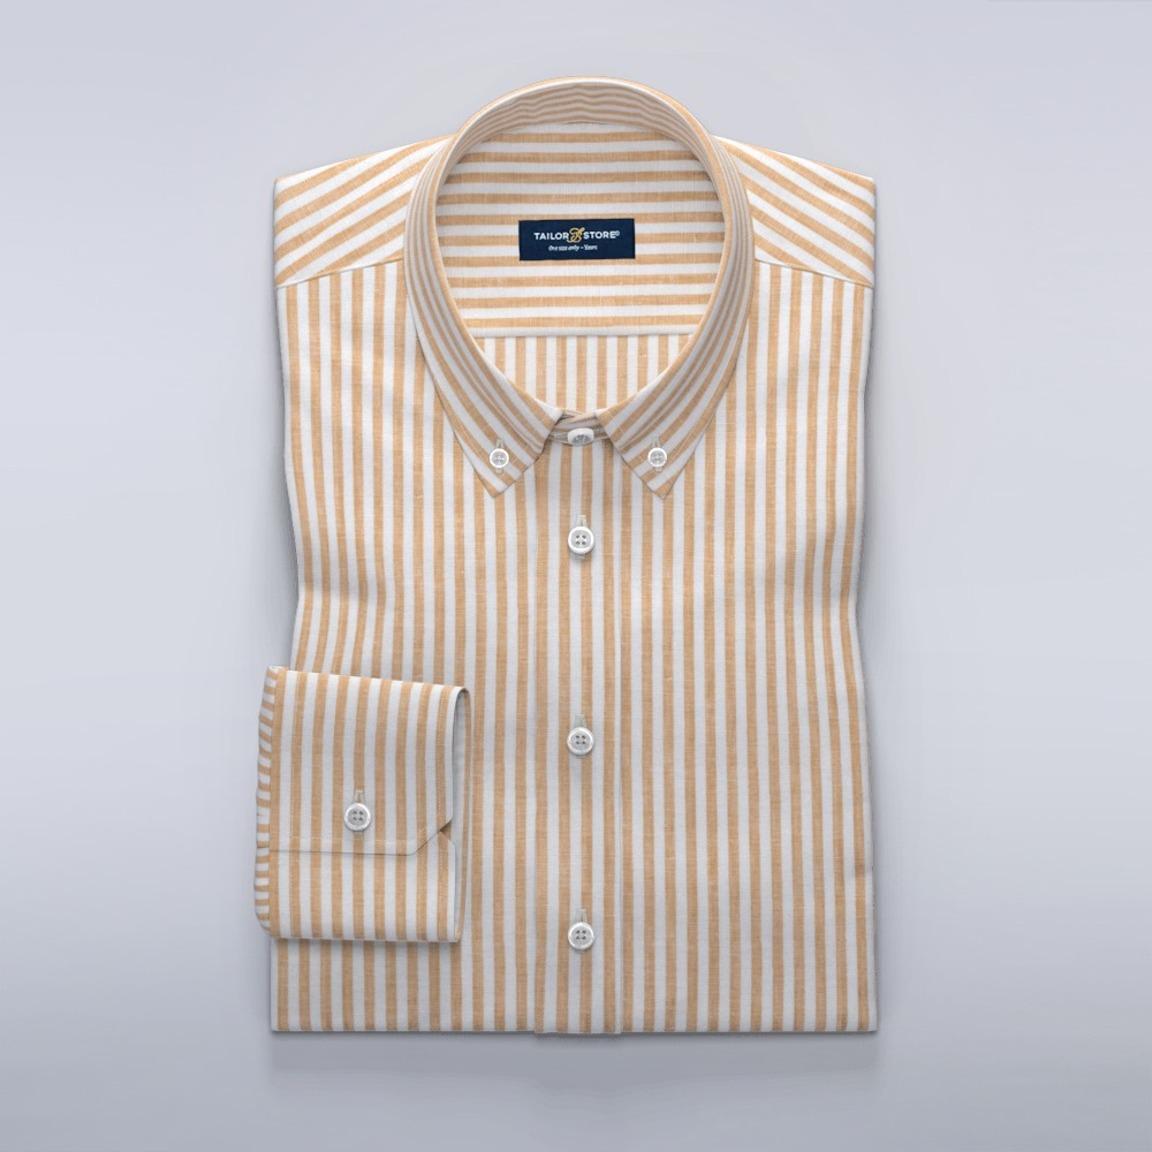 Stripete hvit og gul skjorte